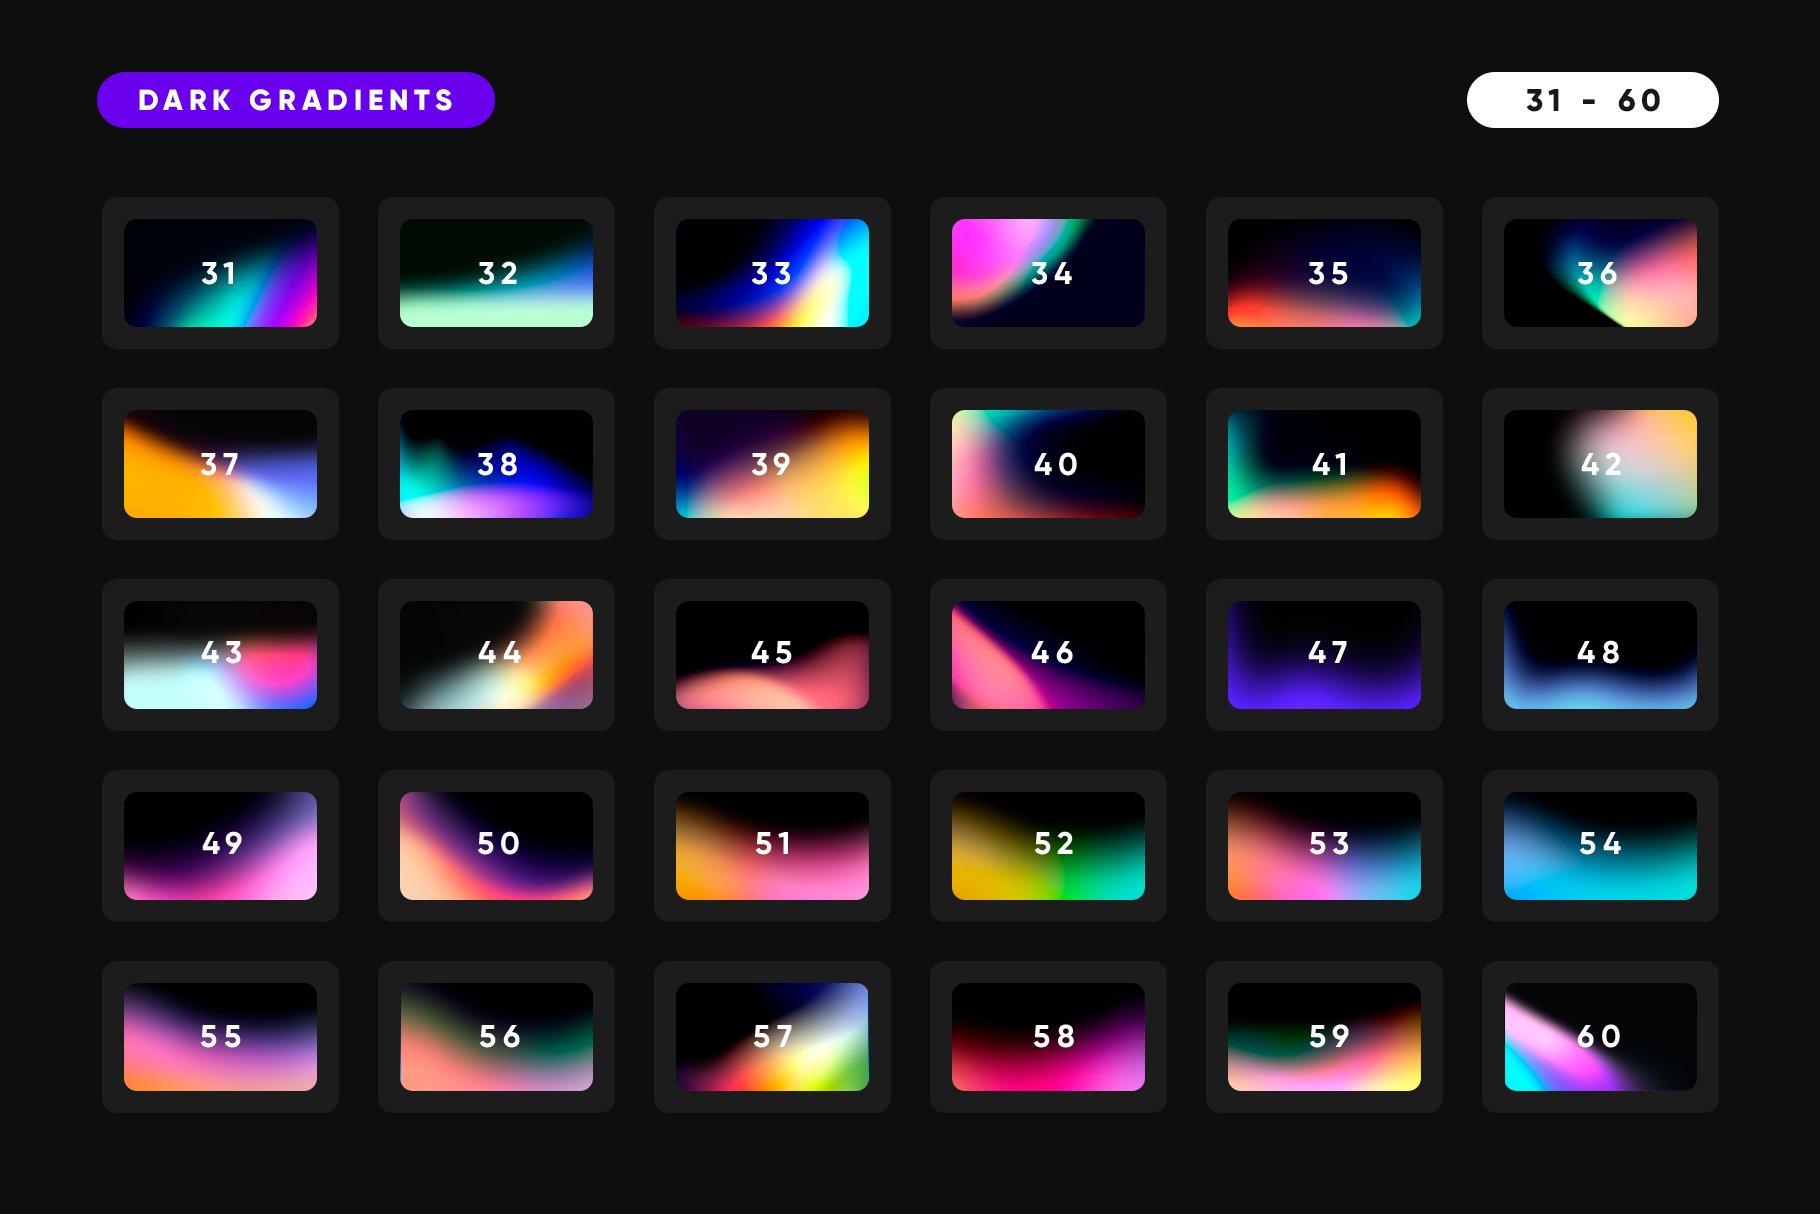 [淘宝购买] 165款虹彩炫彩渐变酸性APP设计手机屏保壁纸背景图片素材 150 Dark Gradients Collection插图3